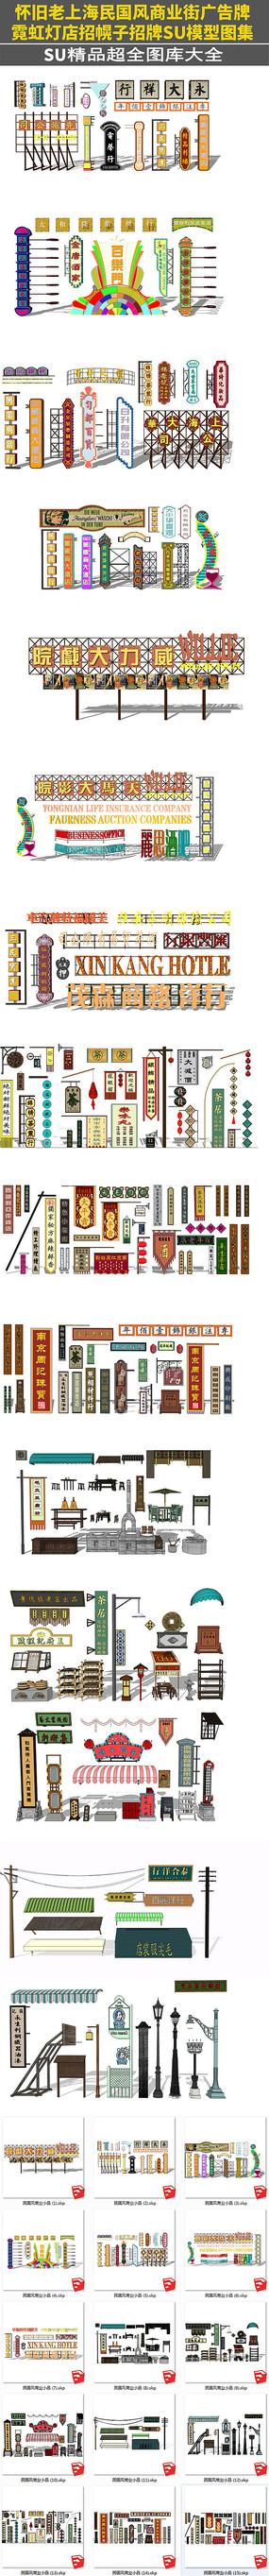 怀旧老上海民国风商业街广告牌霓虹灯